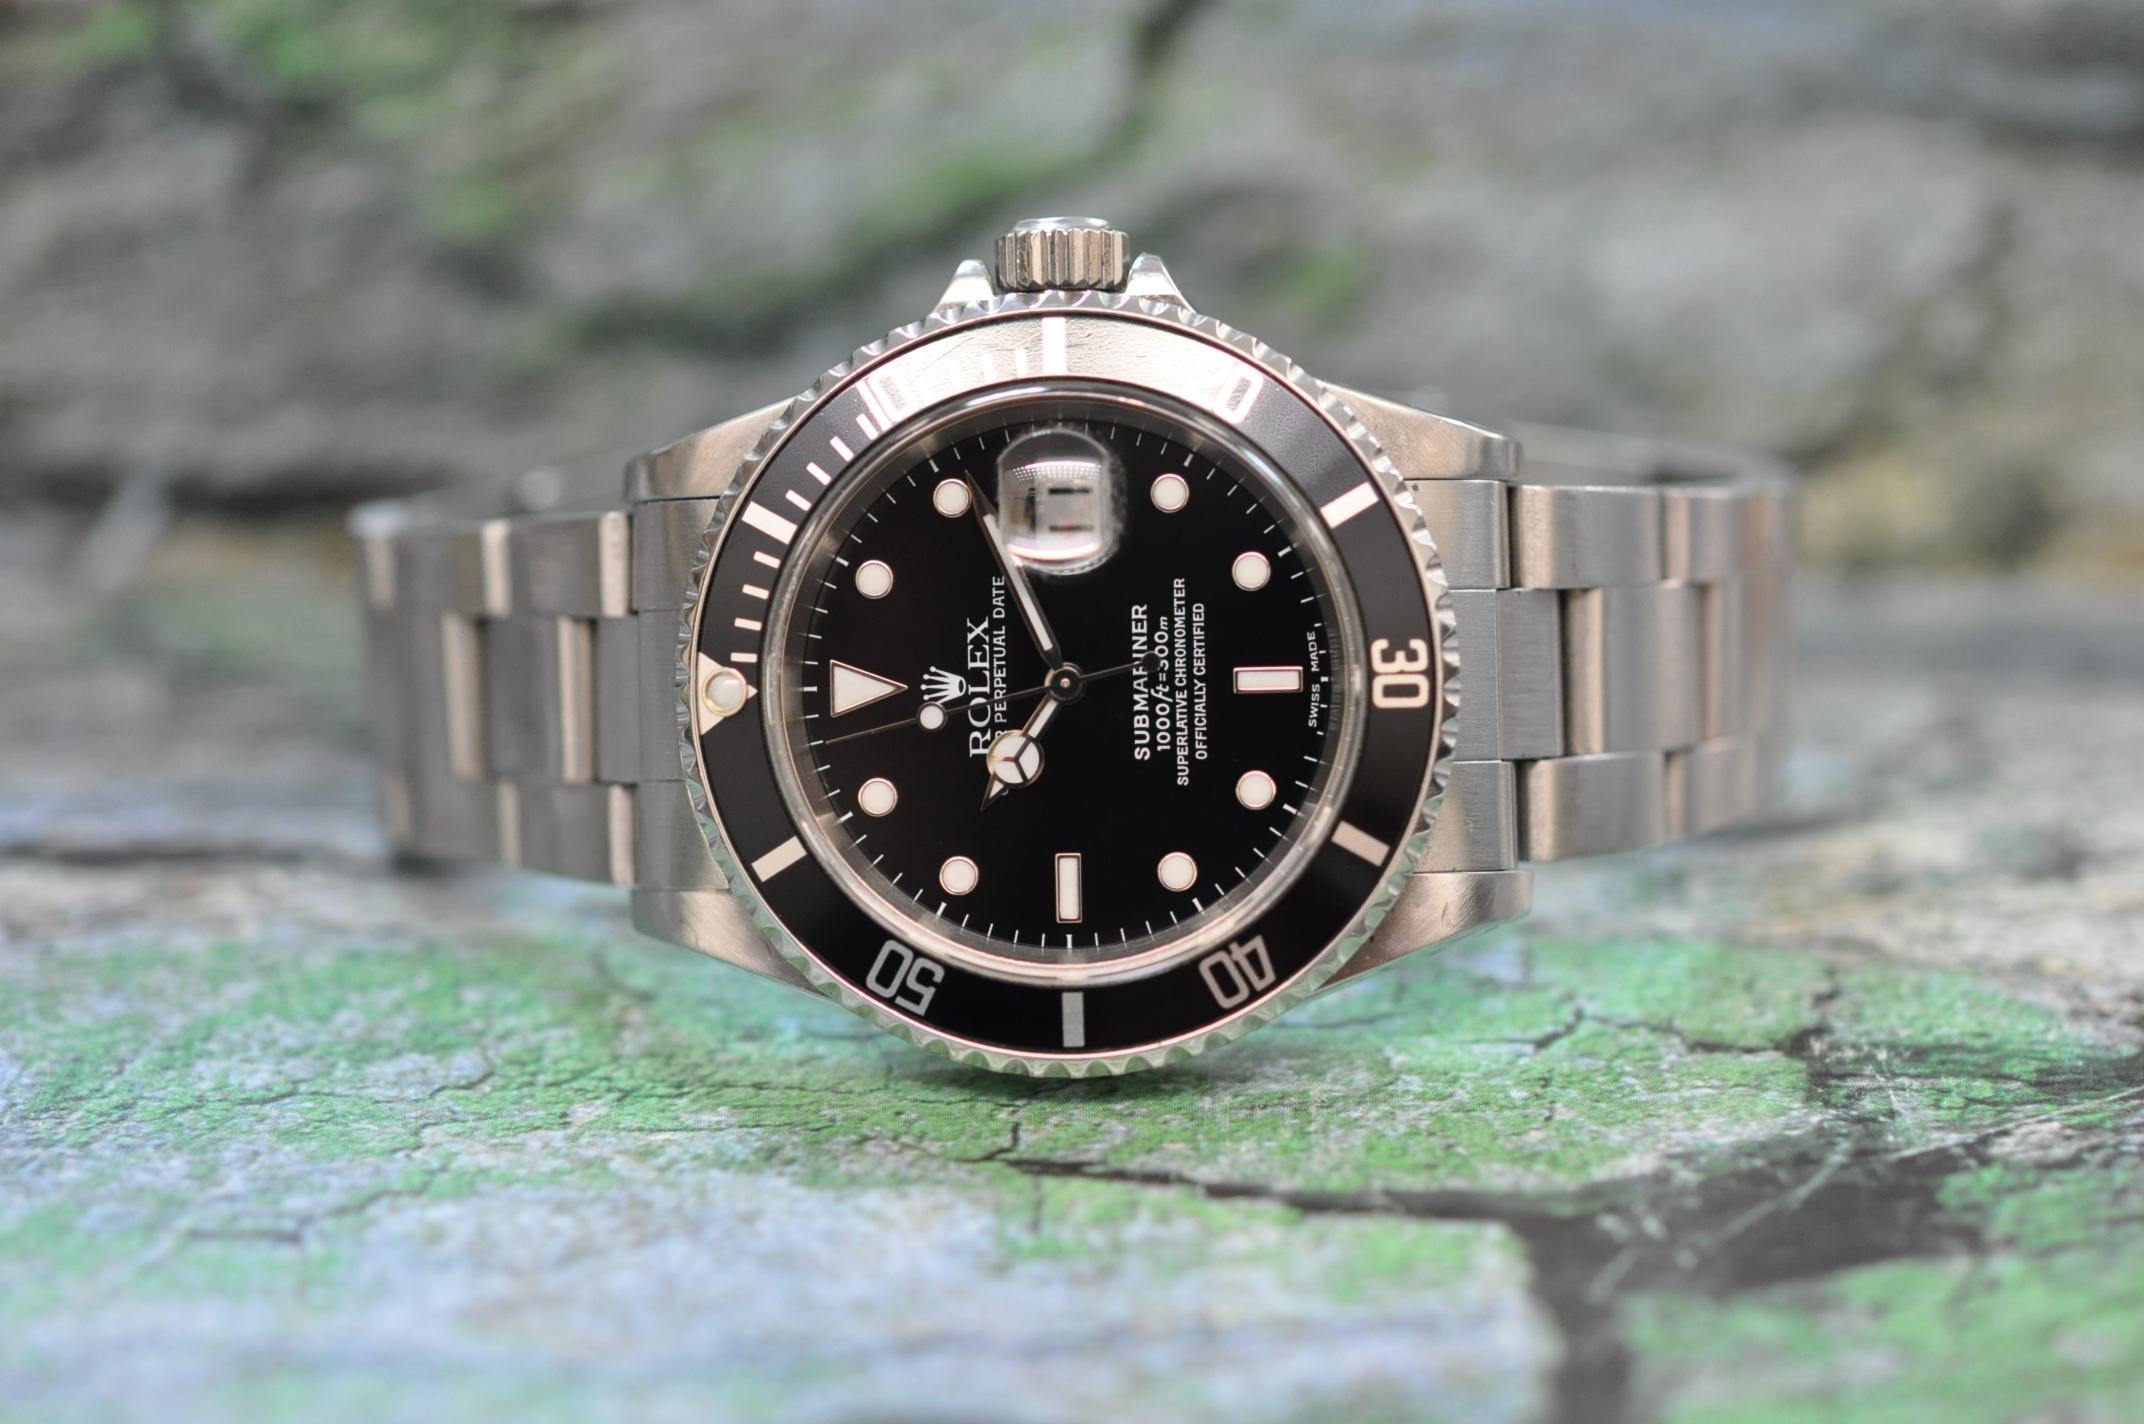 2000 Submariner-Date 16610